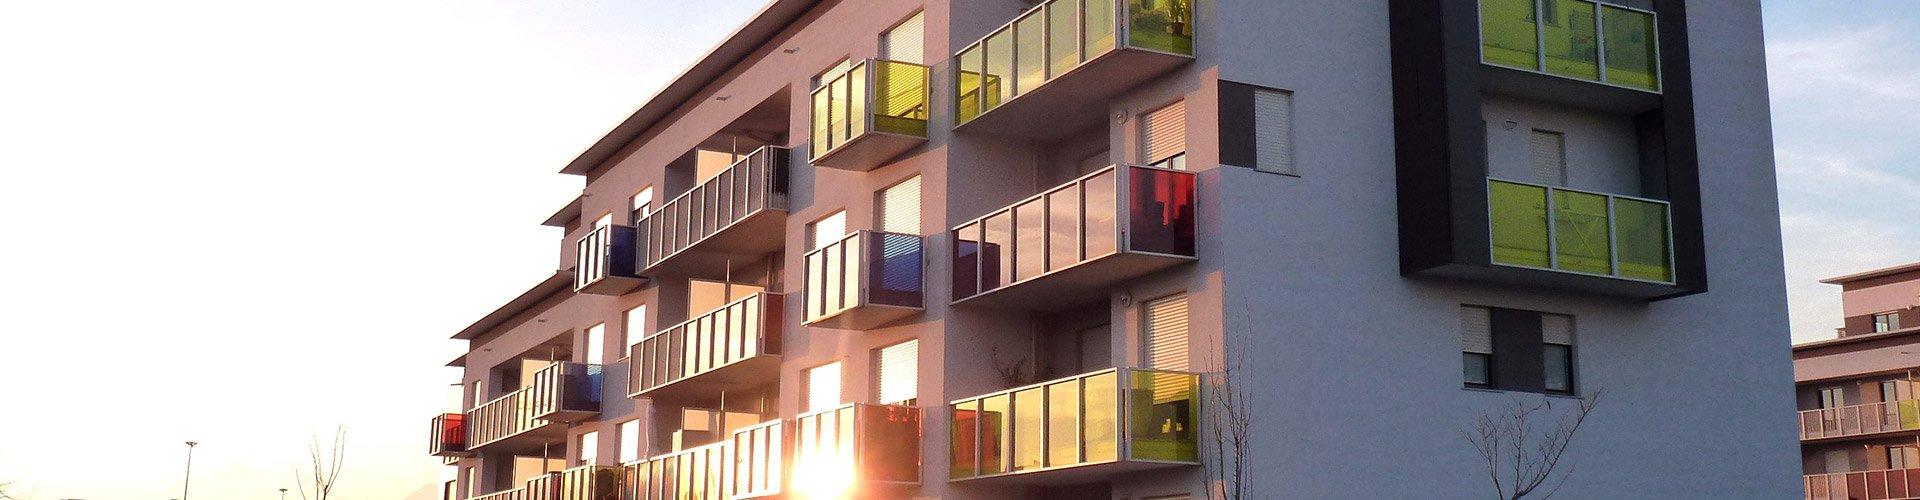 vendita appartamenti grugliasco case grugliasco torre lesna